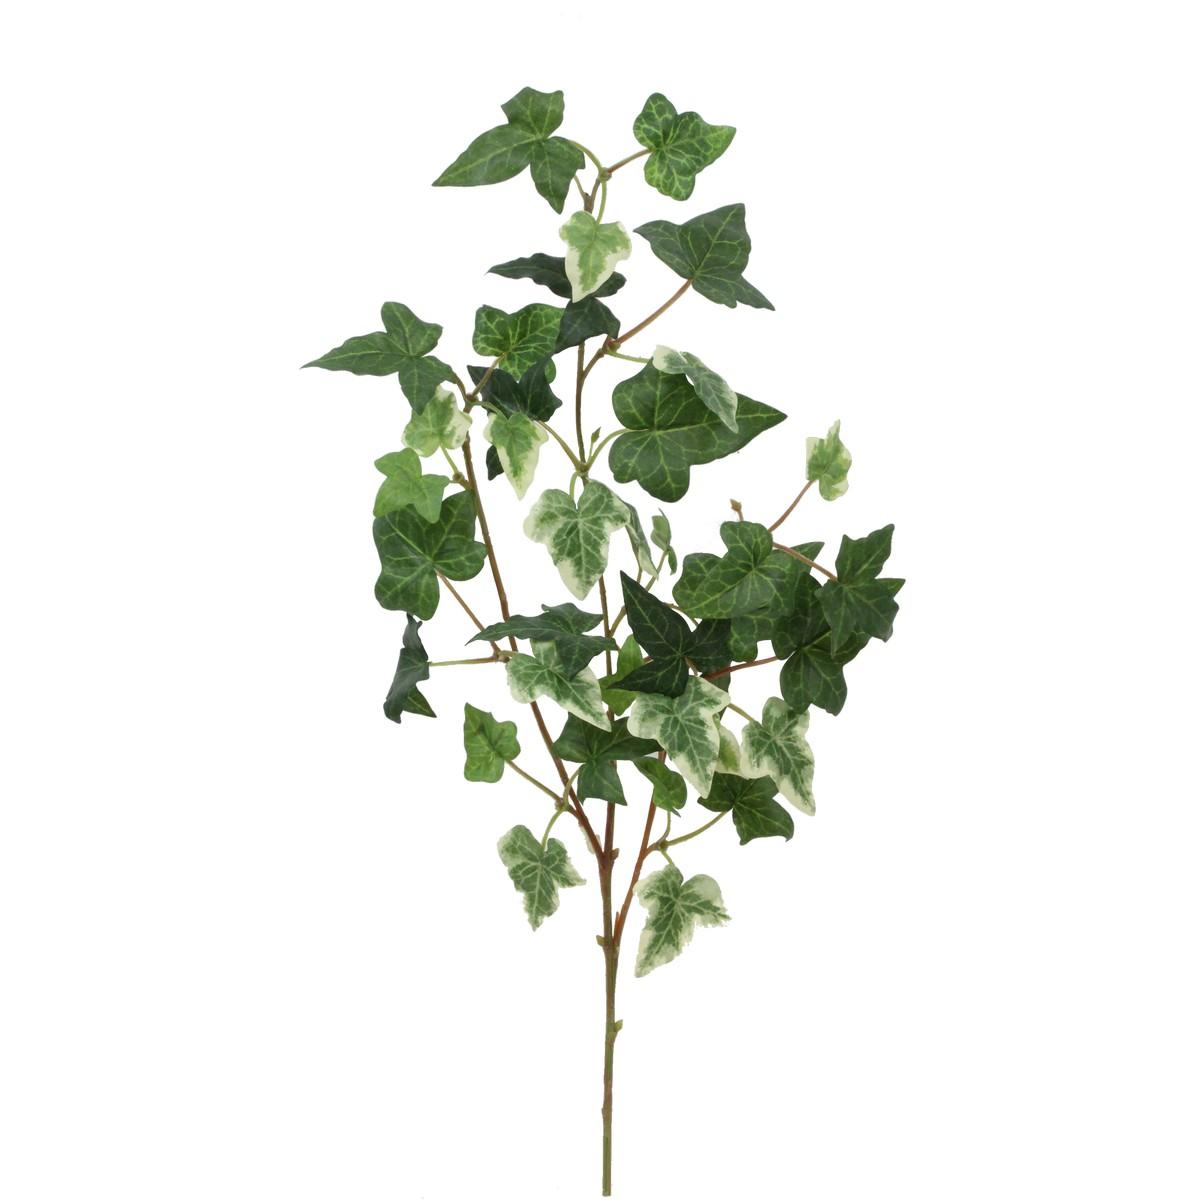 【造花】パレ/ボストンアイビースプレイ TTグリーン/P-8268-60【01】【取寄】[24本]《 造花(アーティフィシャルフラワー) 造花葉物、フェイクグリーン アイビー 》